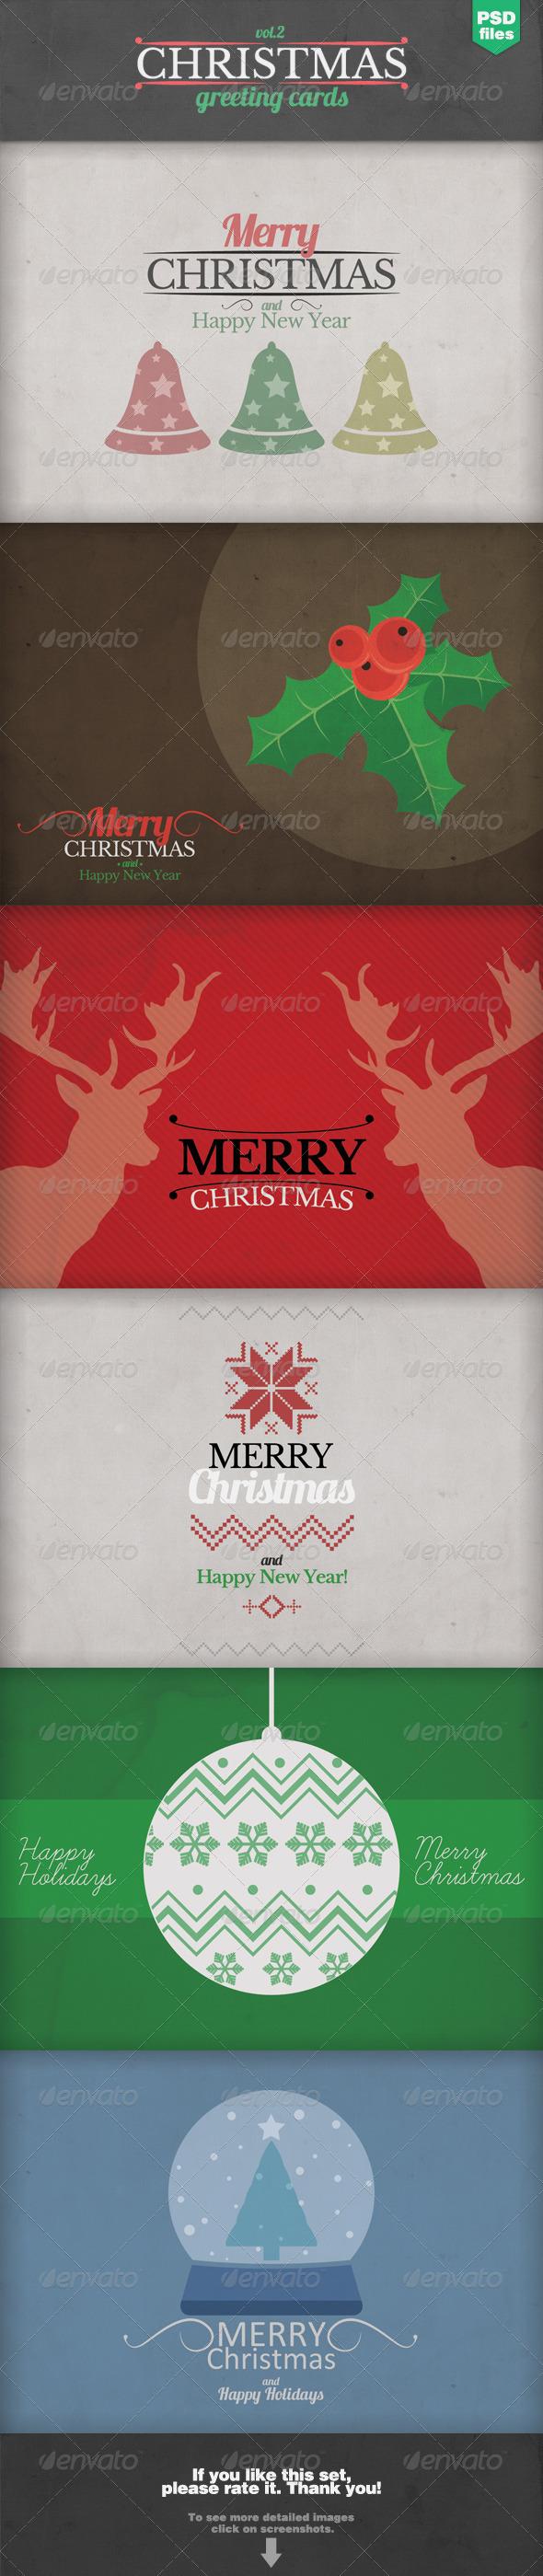 Christmas Greeting Cards Set 2